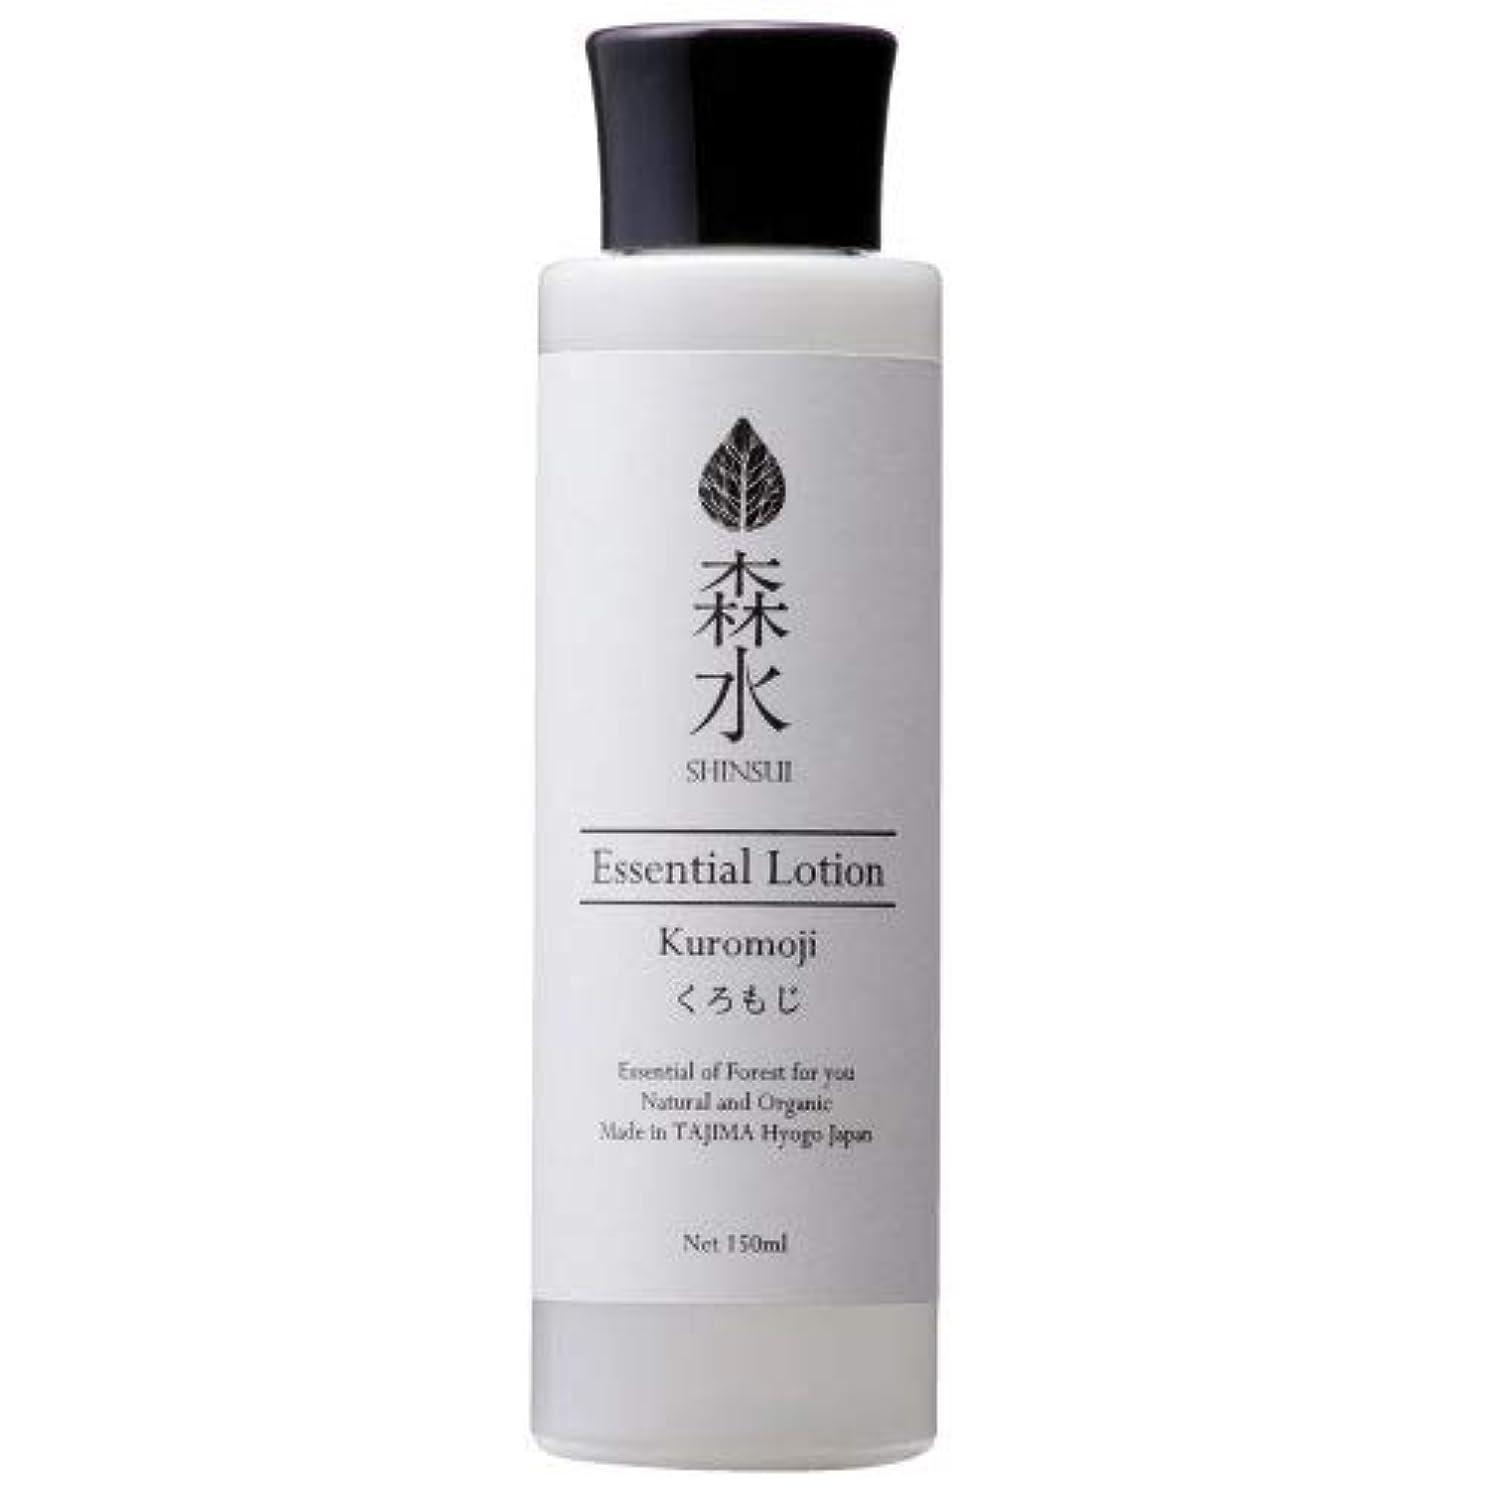 吸収する永久に蒸留森水-SHINSUI シンスイ-くろもじ化粧水(Kuromoji Essential Lotion)150ml